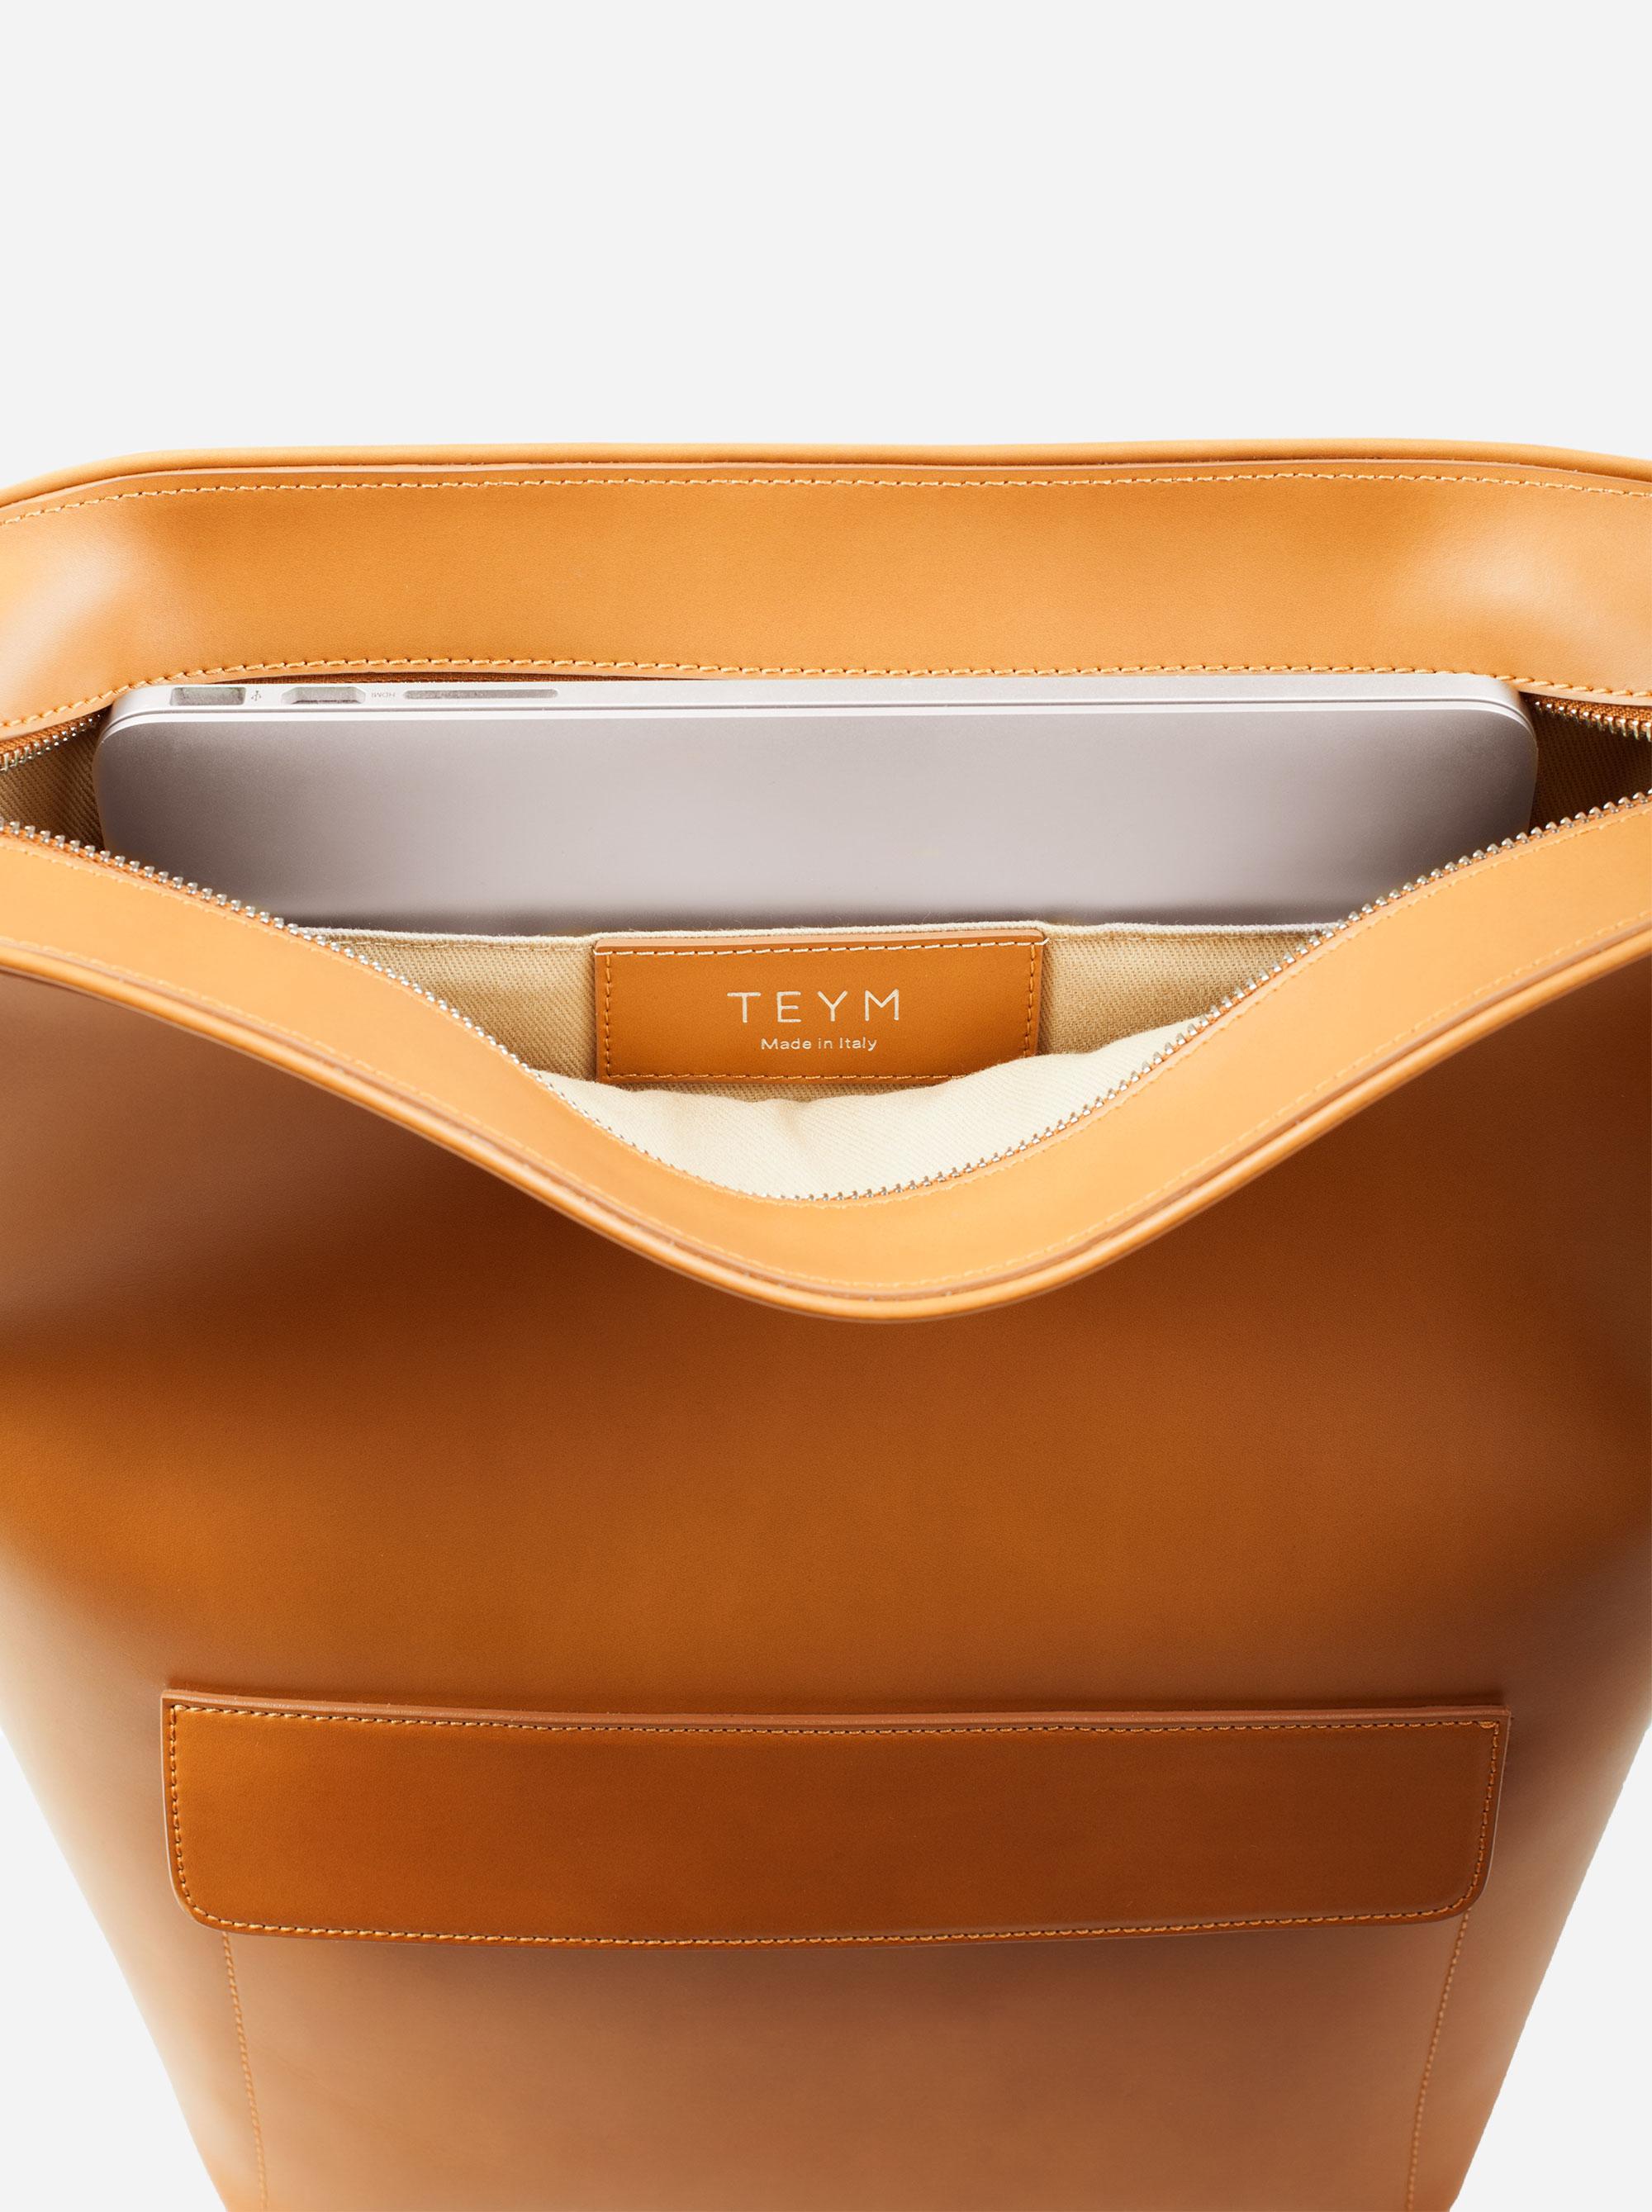 Teym - The Shoulder Bag - Camel - 4